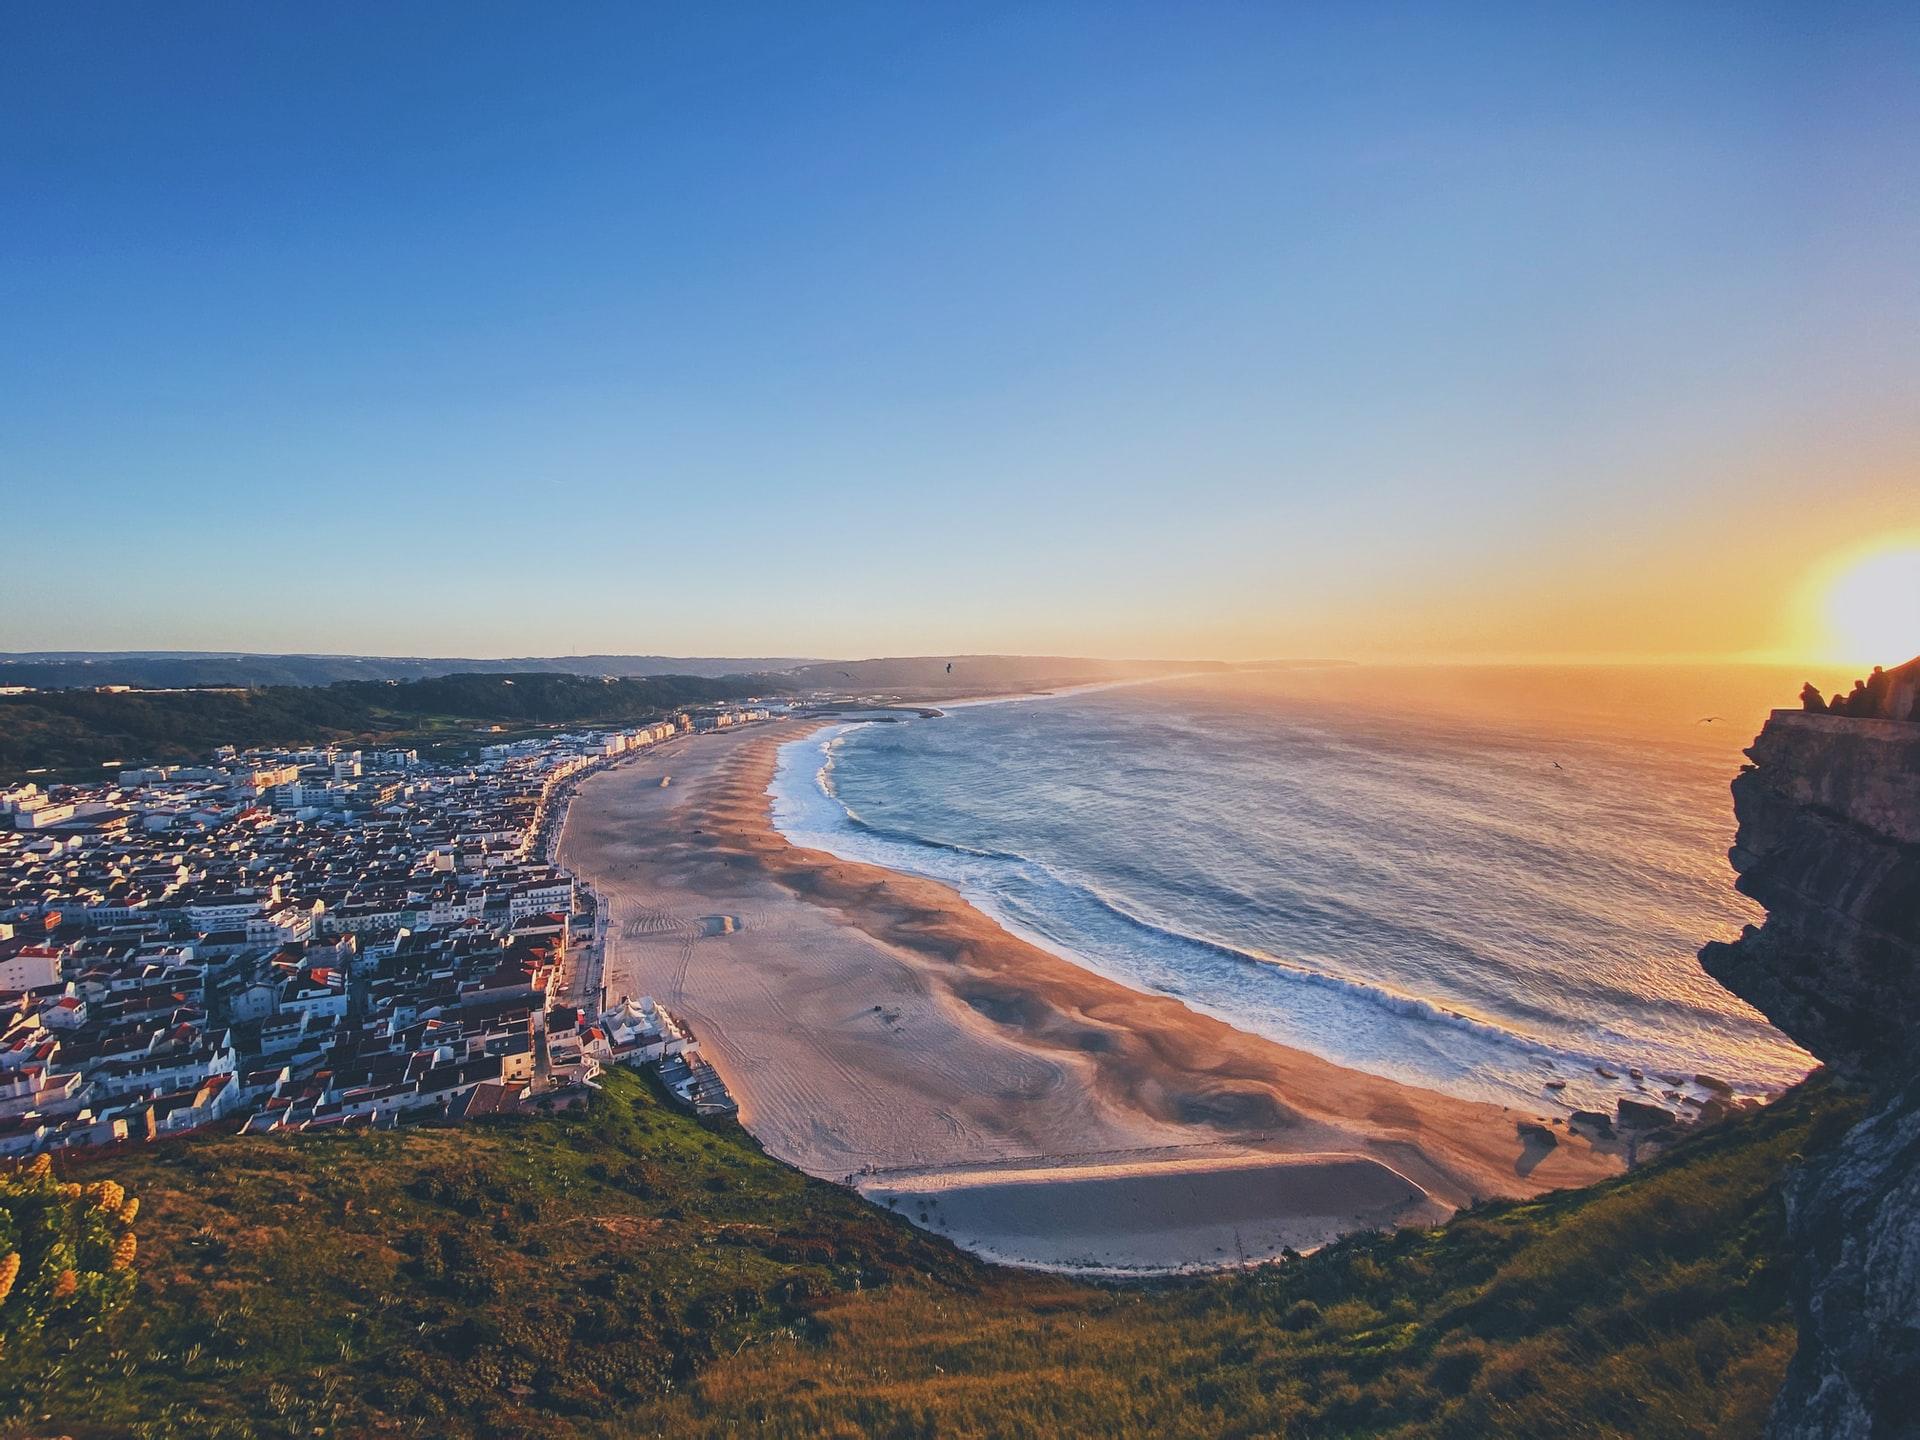 Descobre um pouco de Portugal no conforto da tua casa